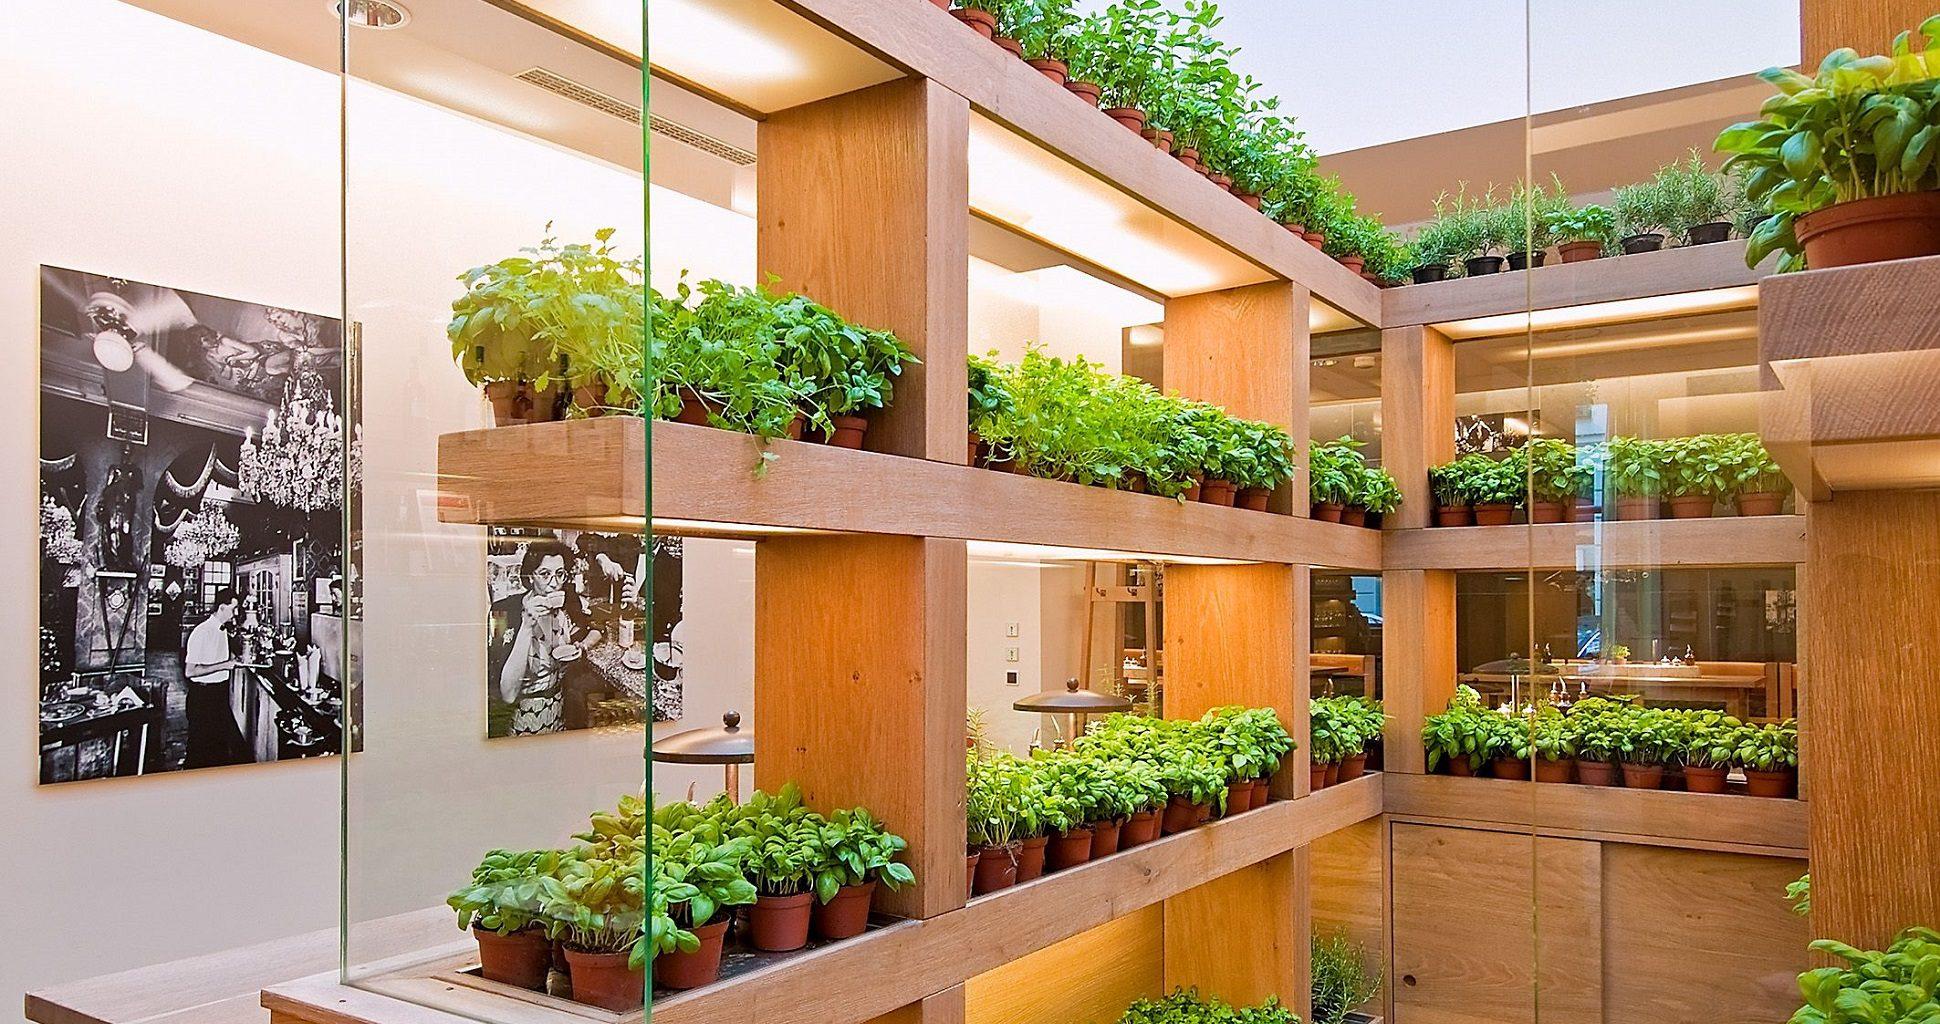 How To Create An Indoor Vegetable Garden